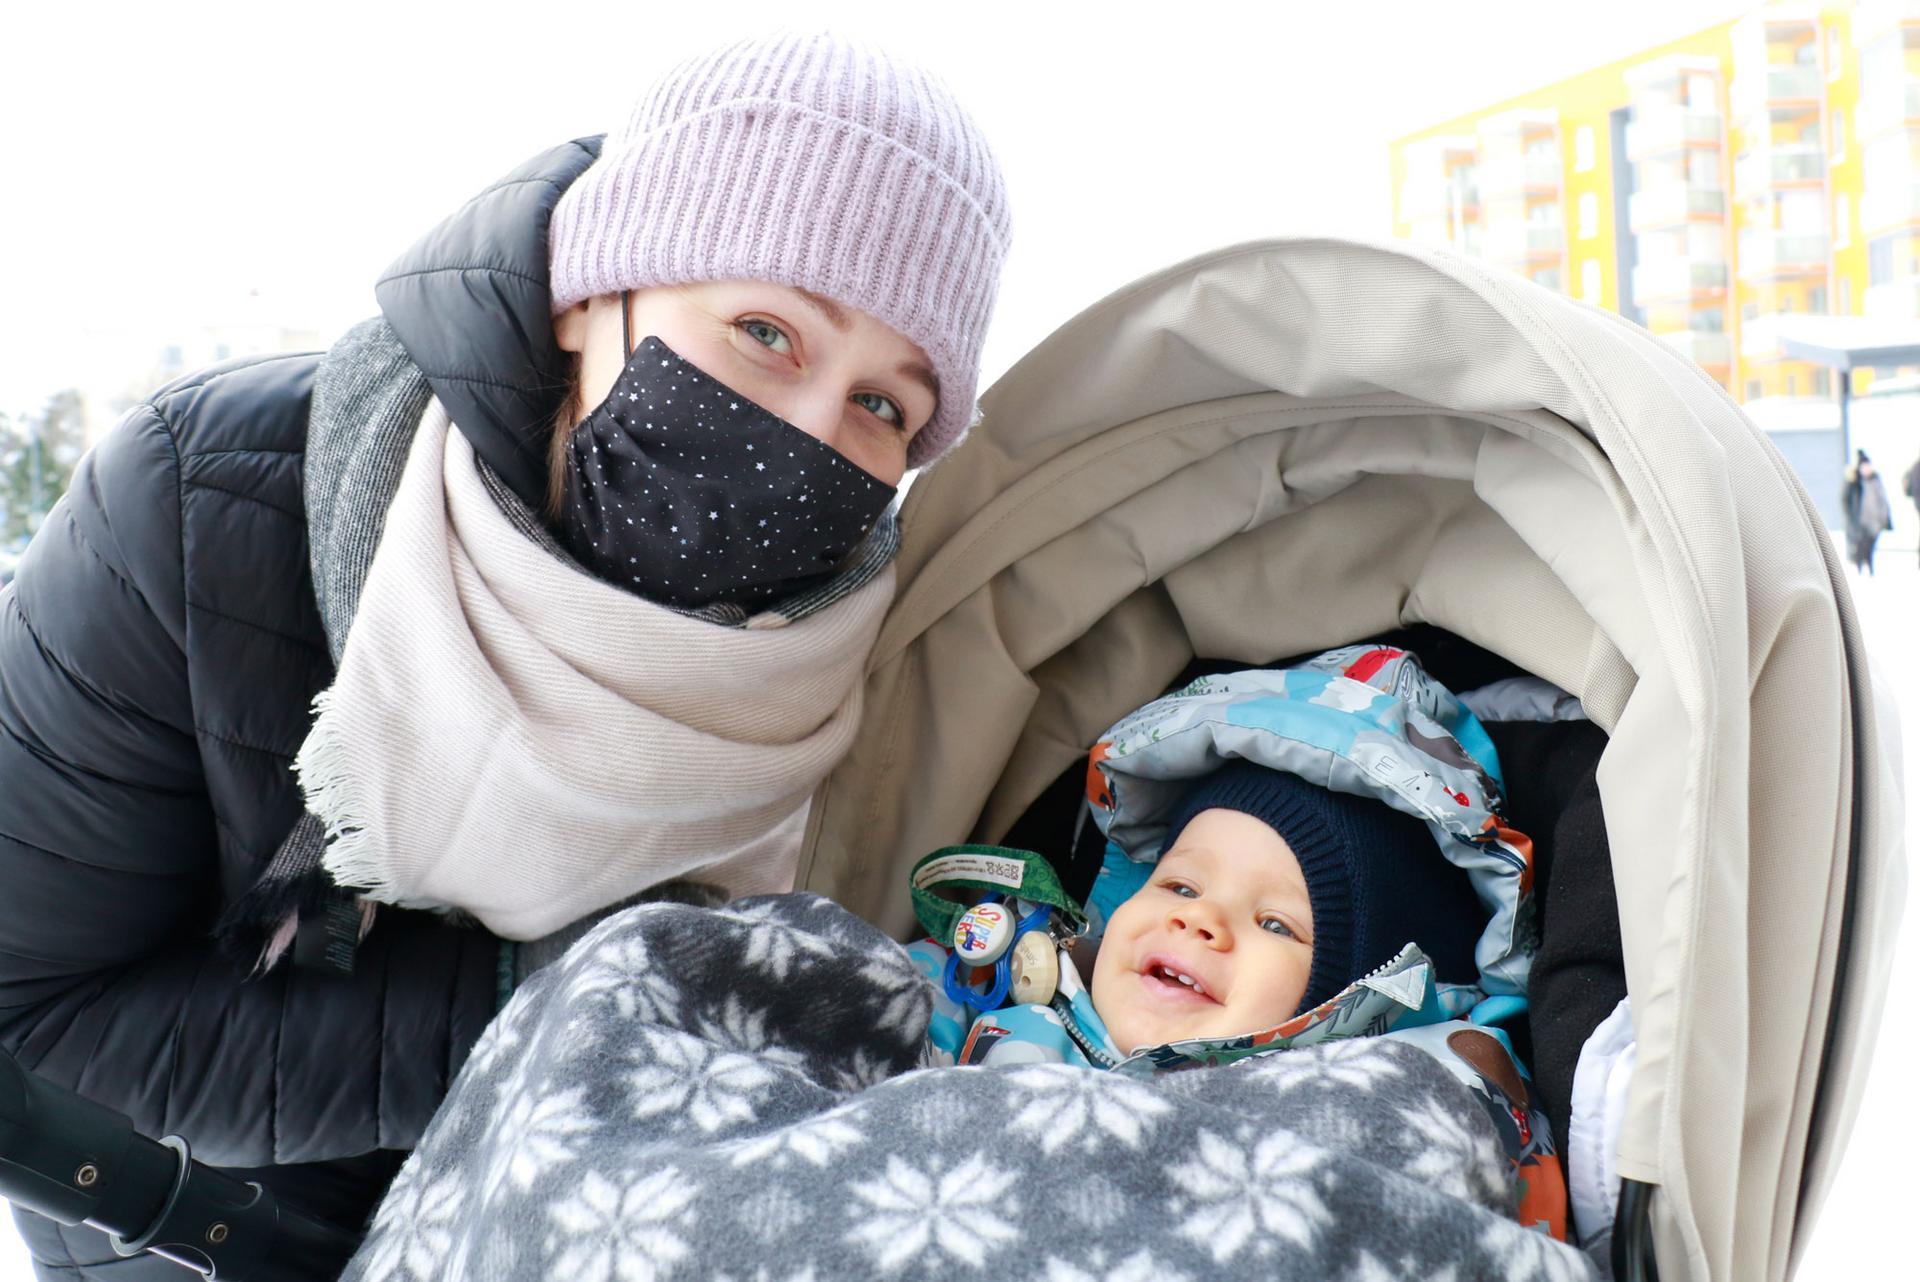 Anu Hakala pistäytyi pääkirjastossa kuopuksensa Iivon kanssa. Iivolla on ikää 11 kuukautta ja todistettavasti monta hammasta.